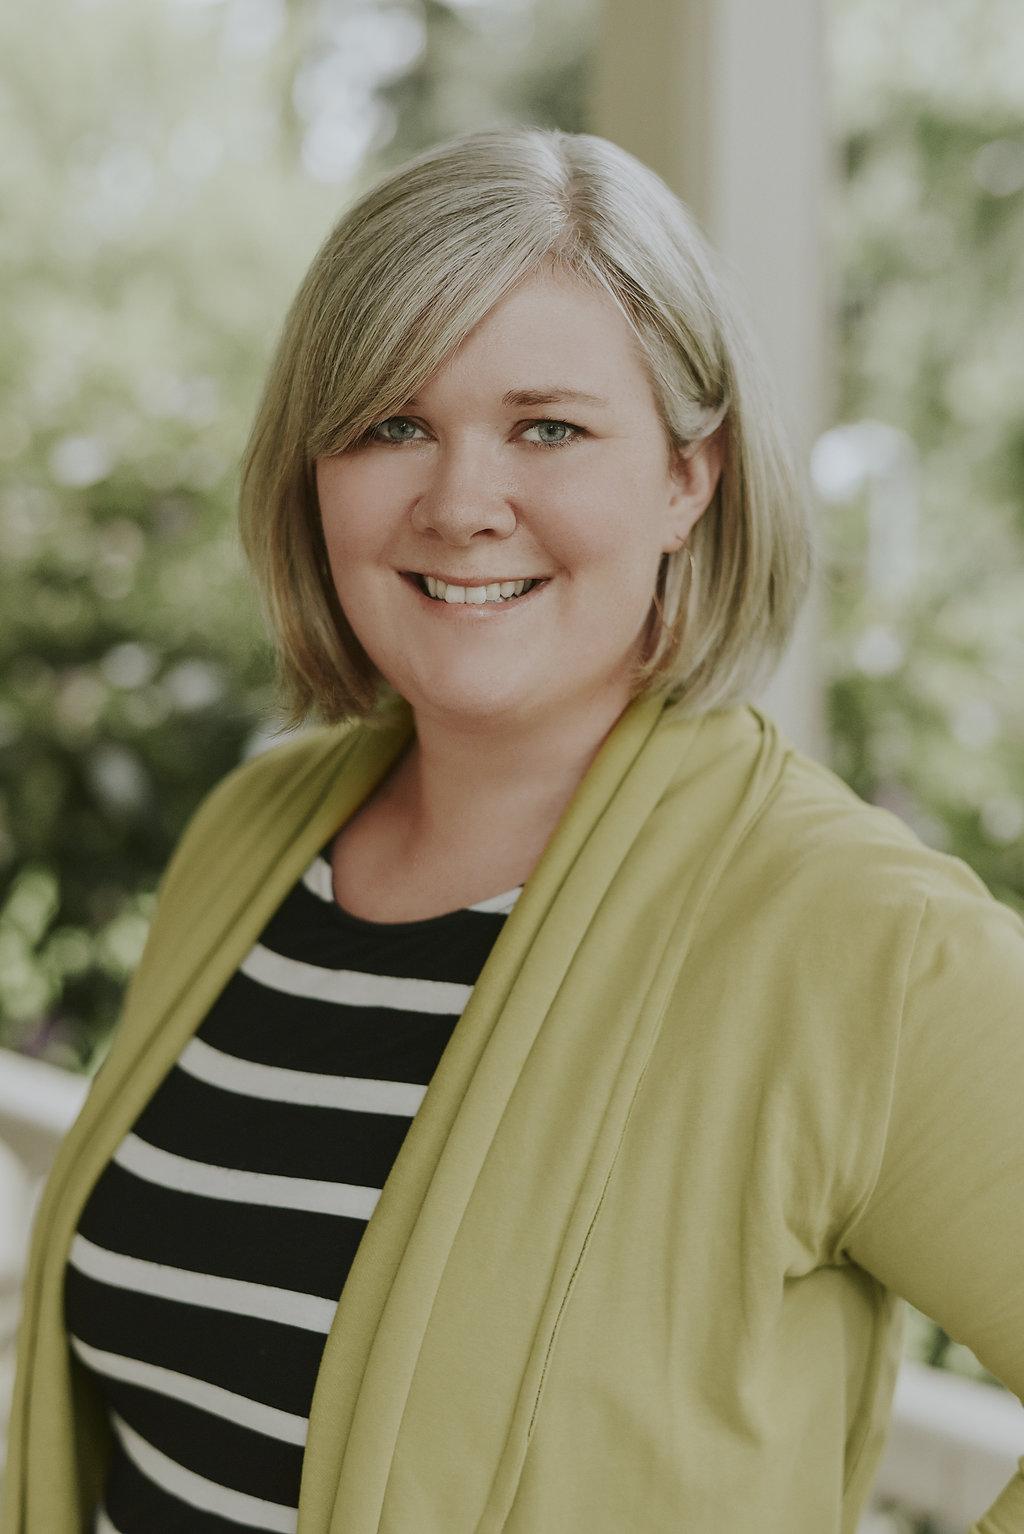 Katie McGinley